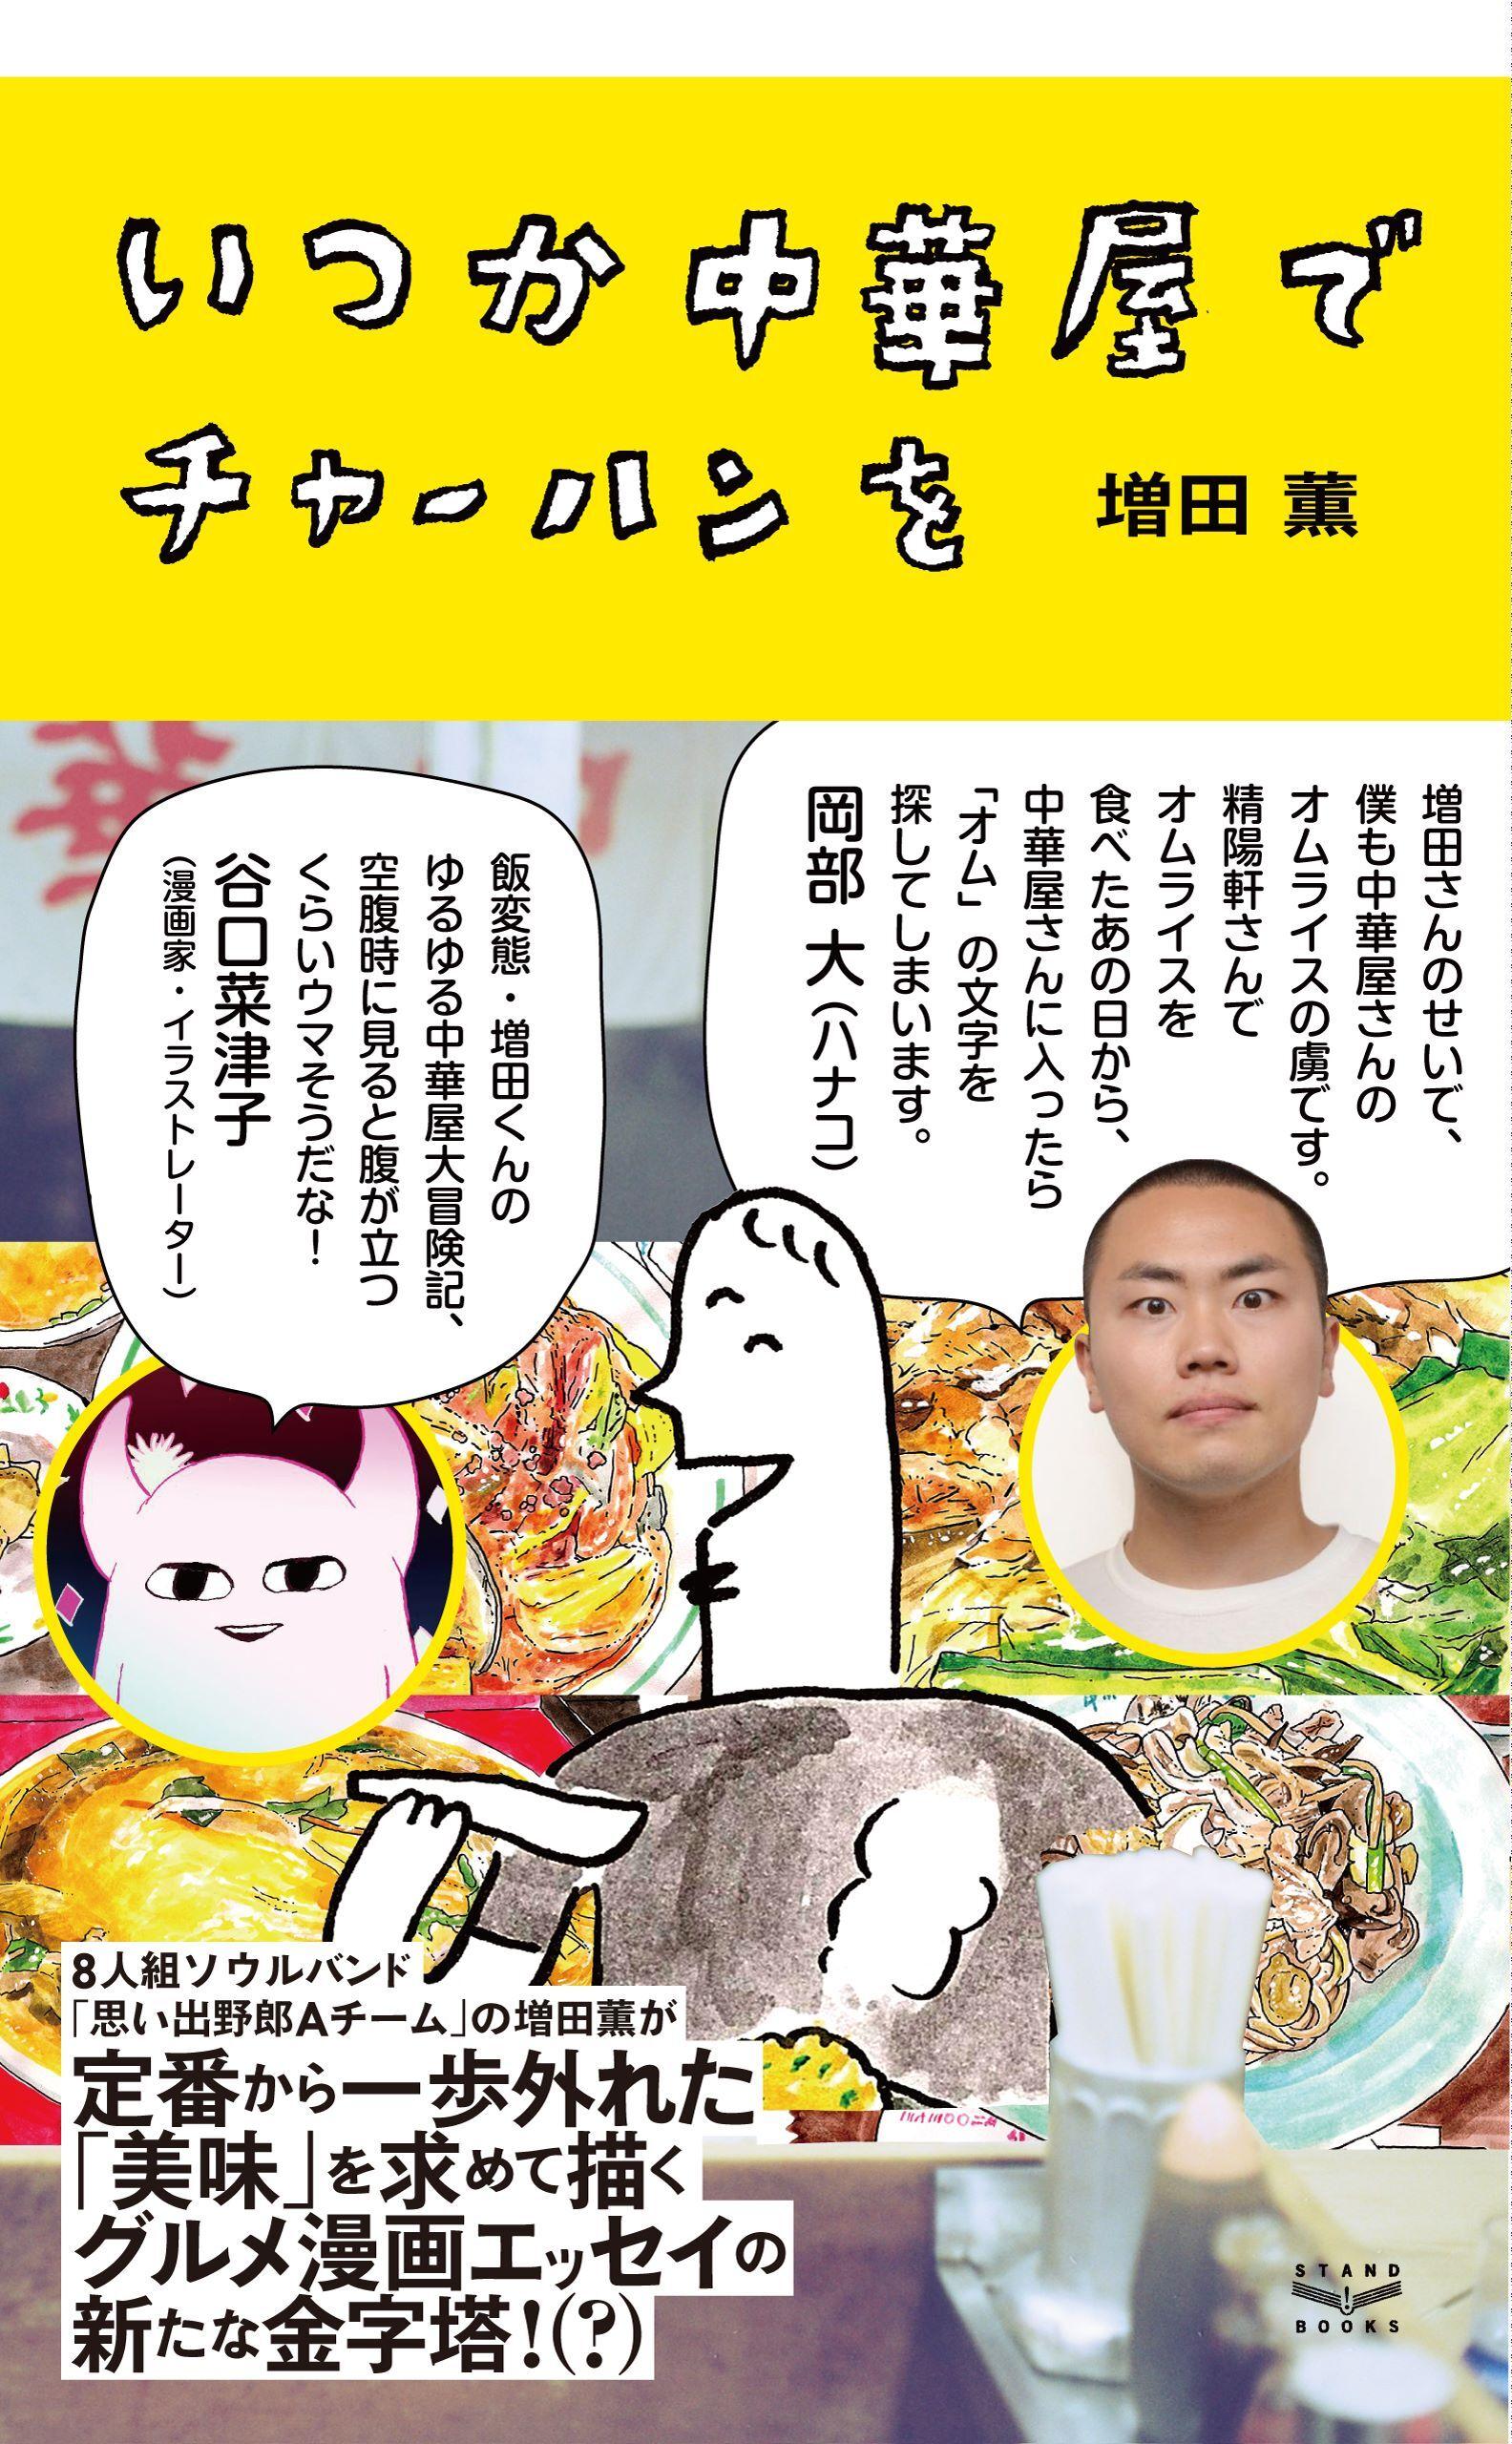 増田薫『いつか中華屋でチャーハンを』